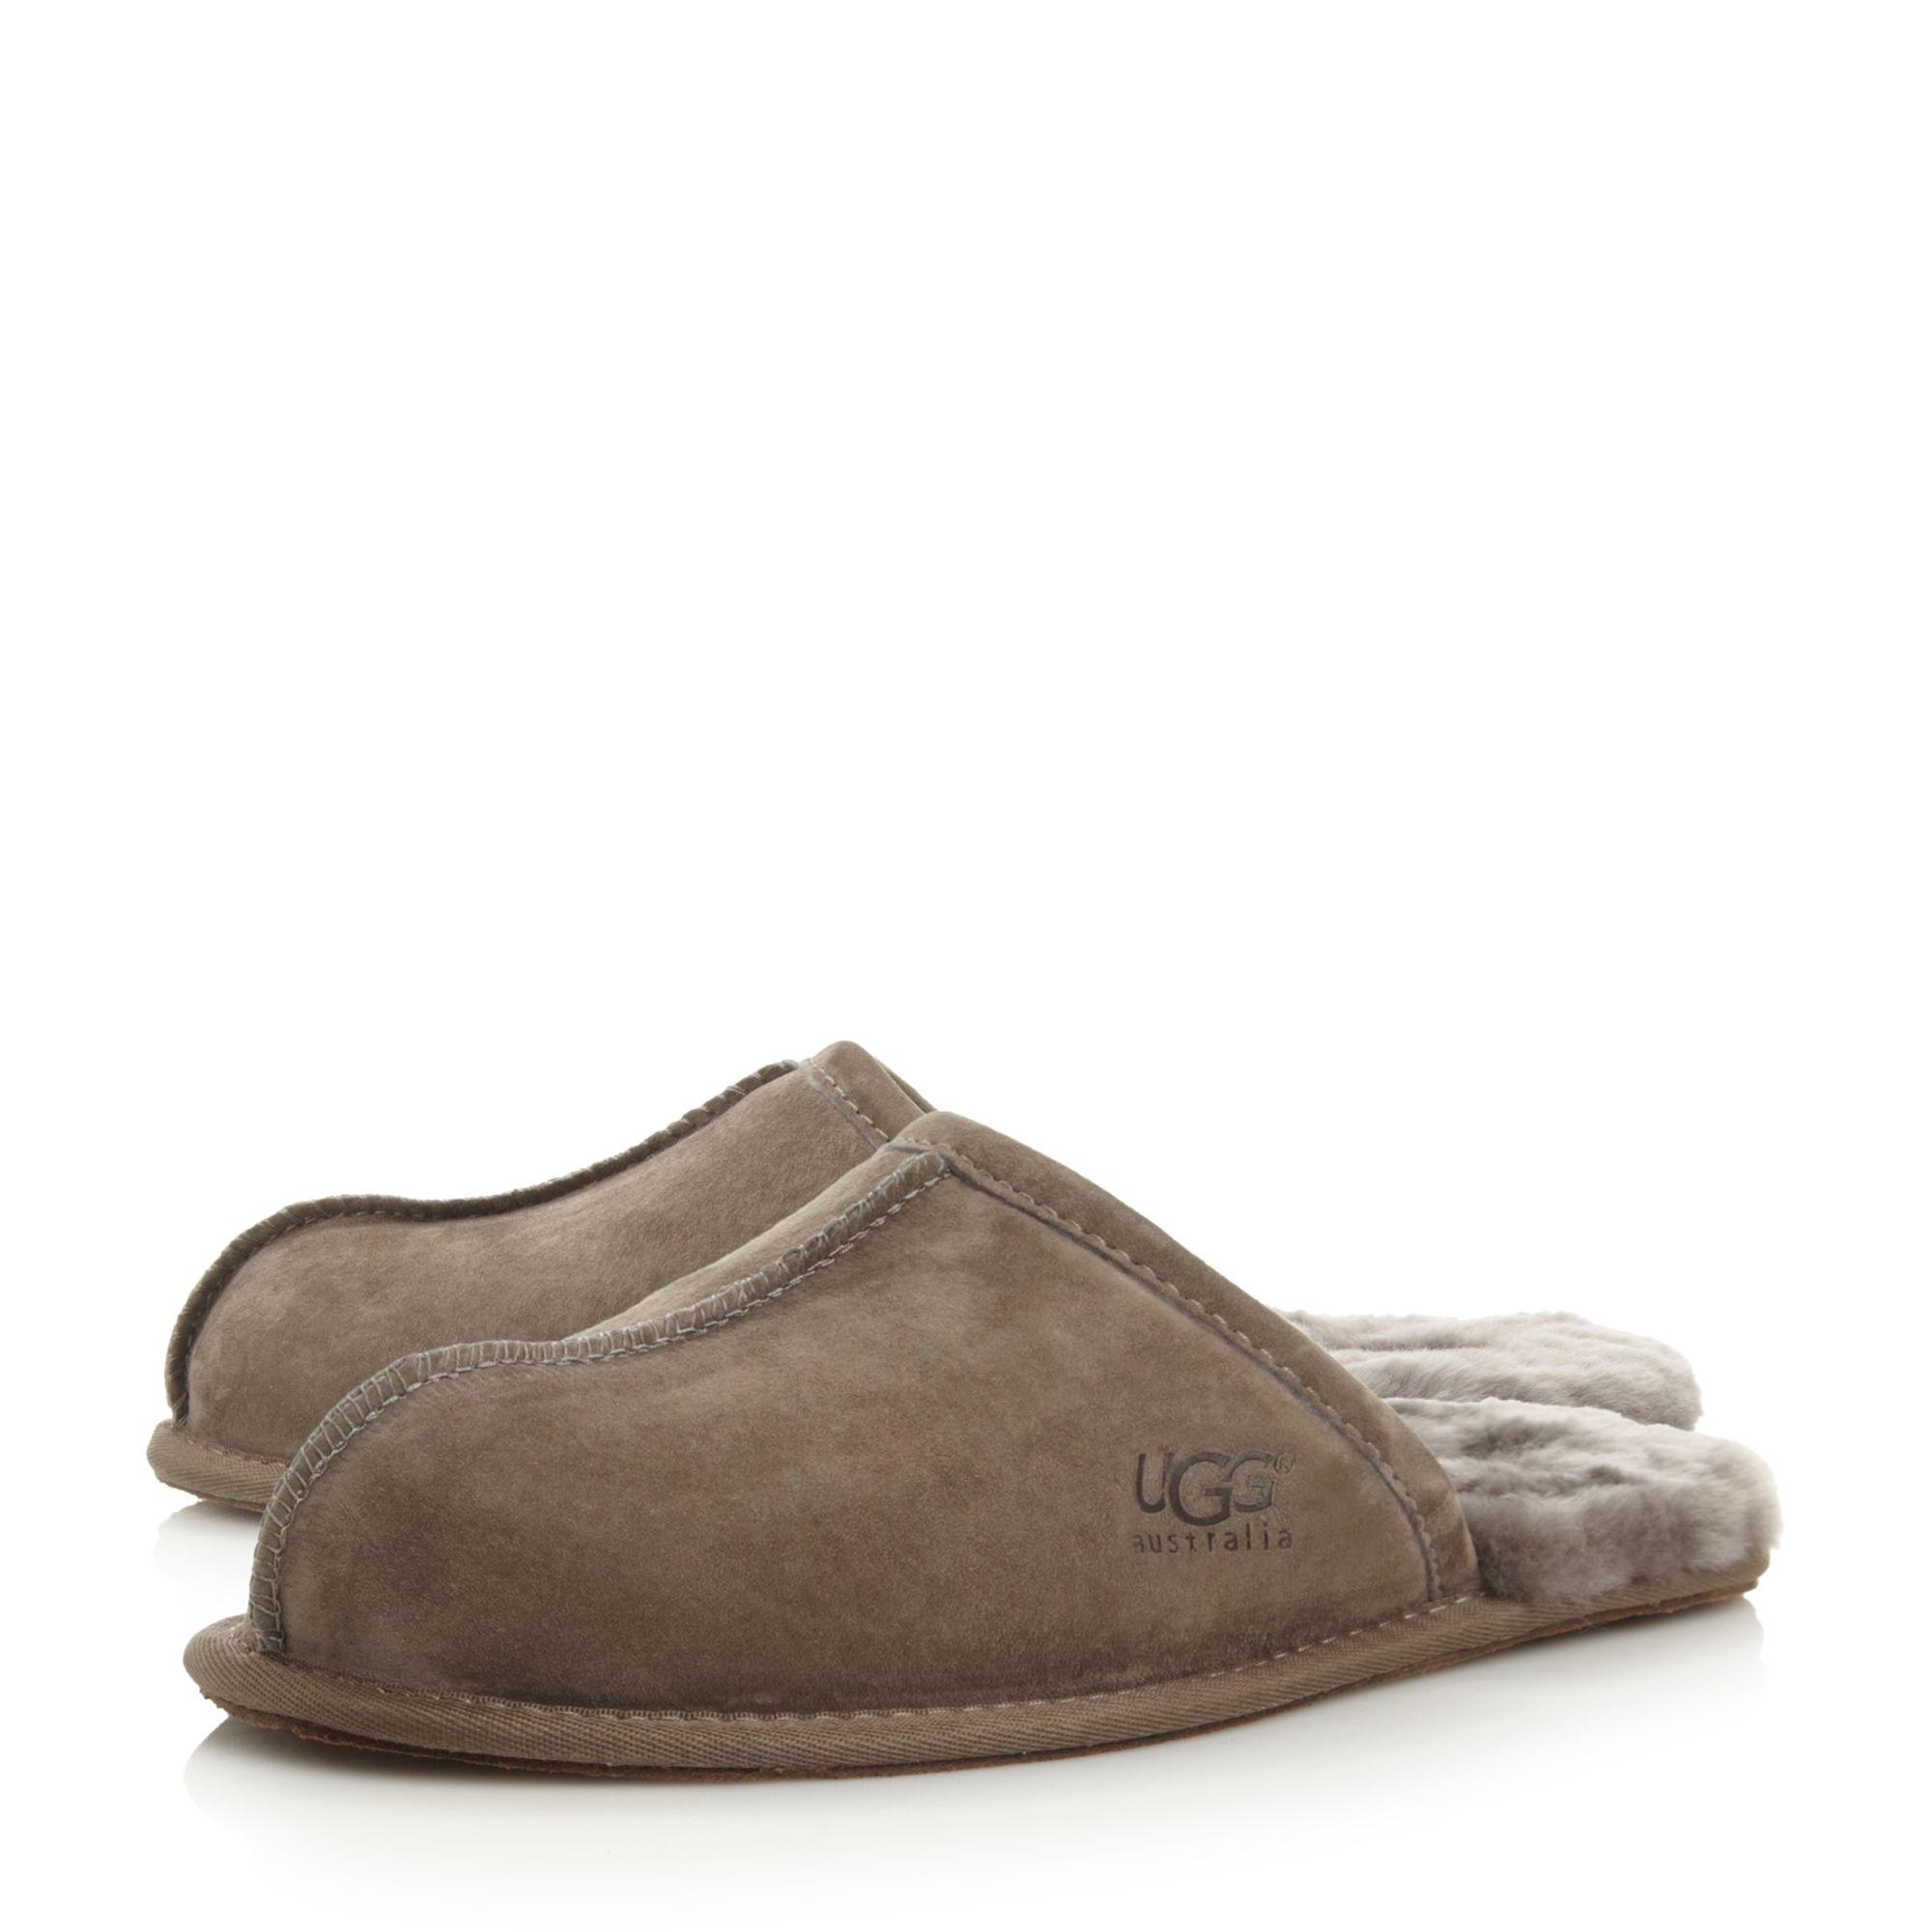 Ugg M Scuff Slippers